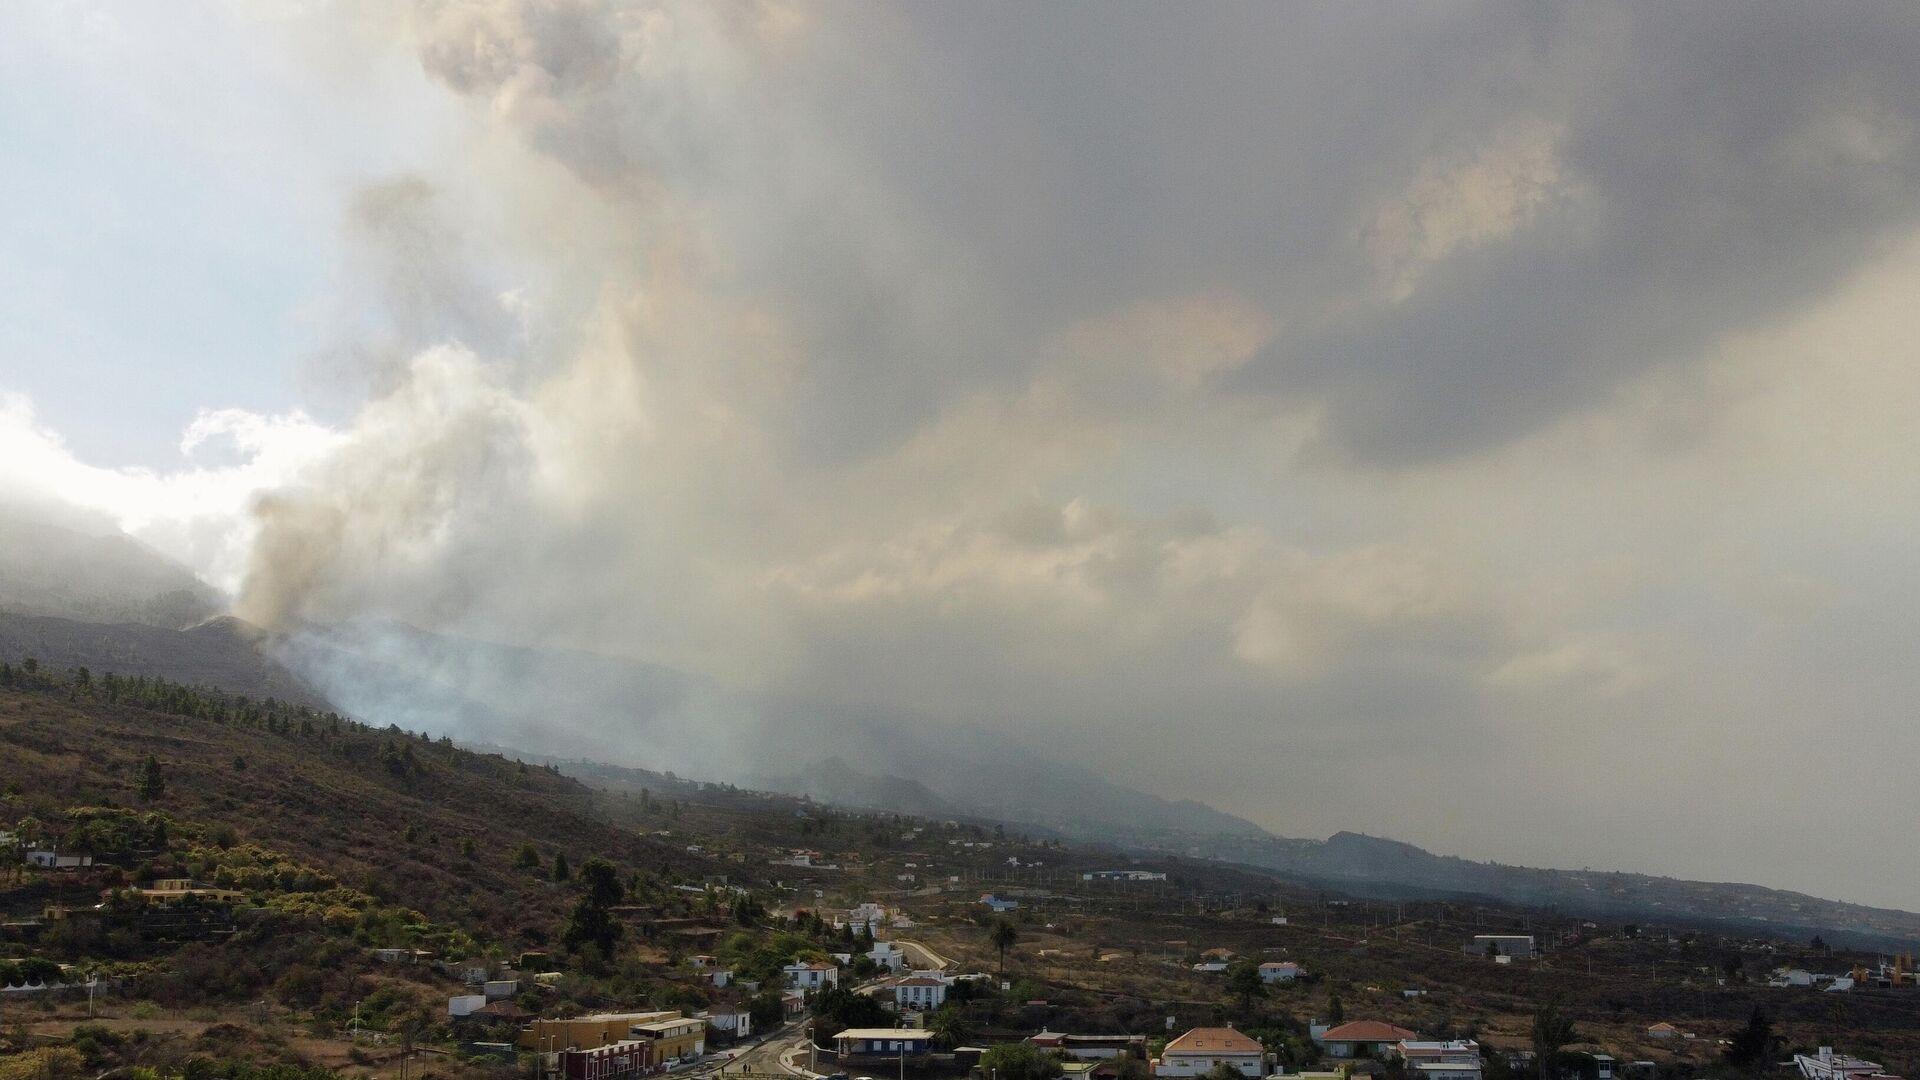 Erupción del volcán en La Palma - Sputnik Mundo, 1920, 21.09.2021